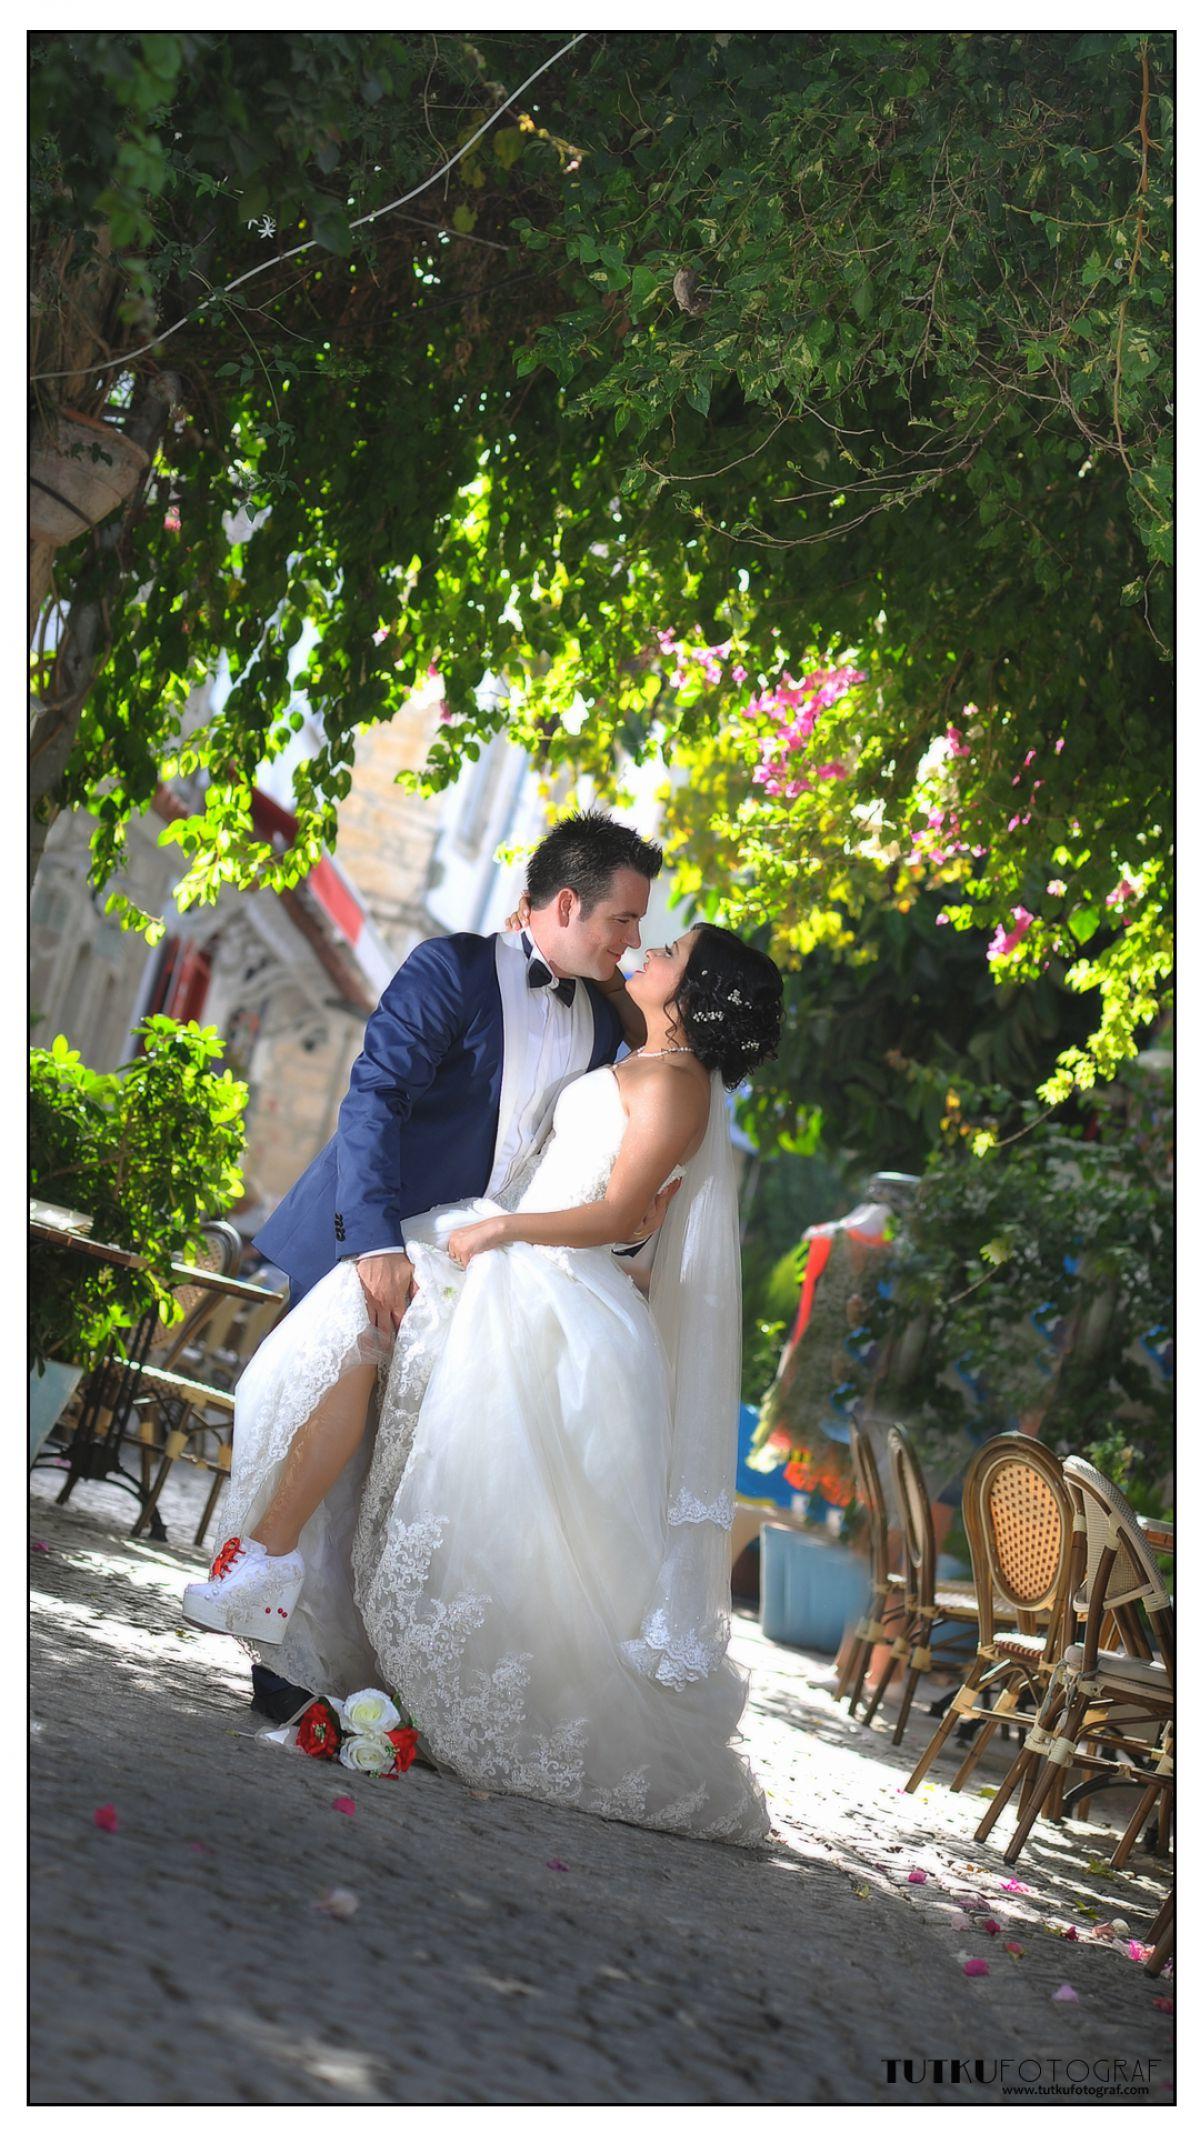 Alaçatı Dış Mekan Düğün Hikayesi-Alacati-Dis-Mekan-Dugun-Hikayesi-5